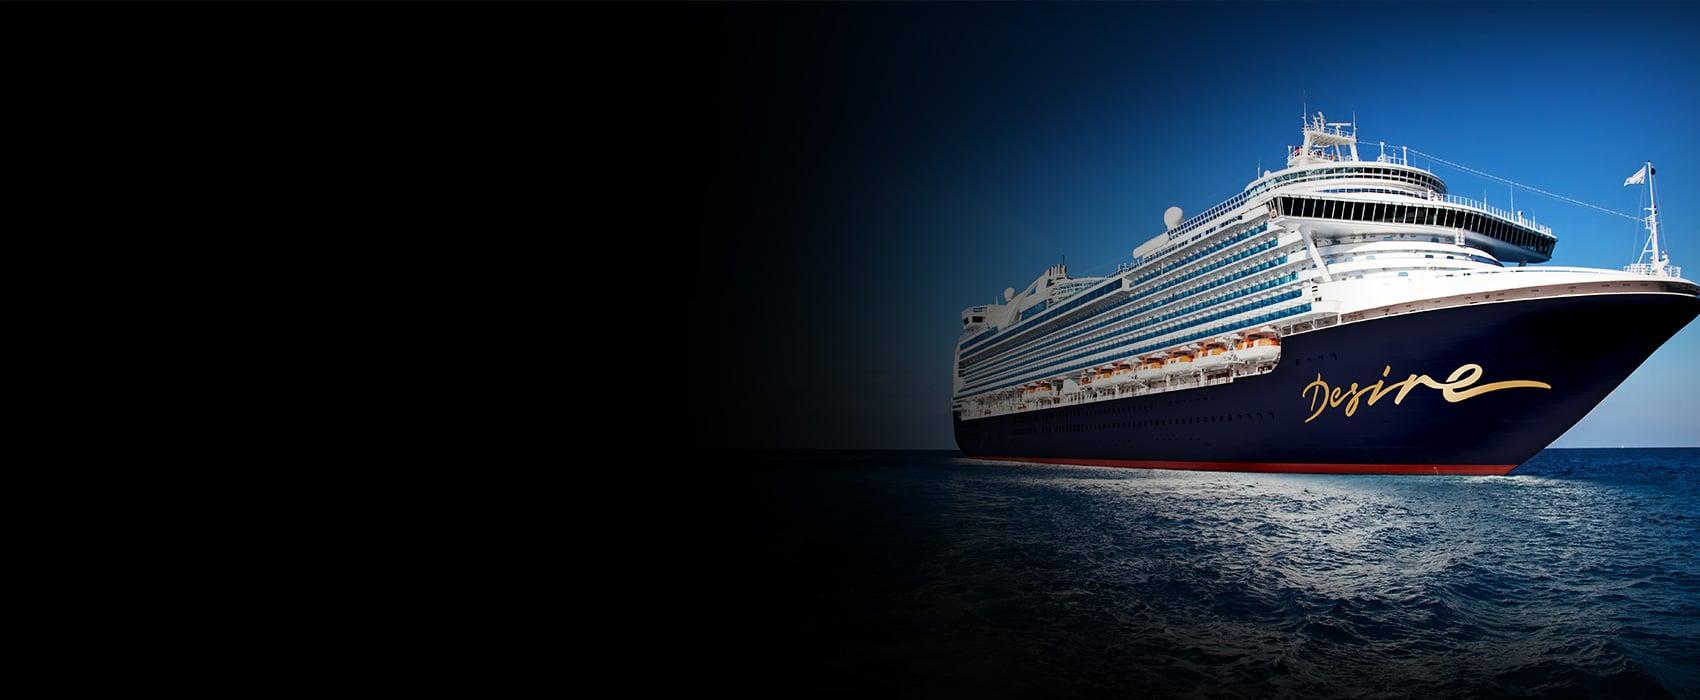 Desire Venice Cruise   Save Up to $2,500 USD per couple per cabin